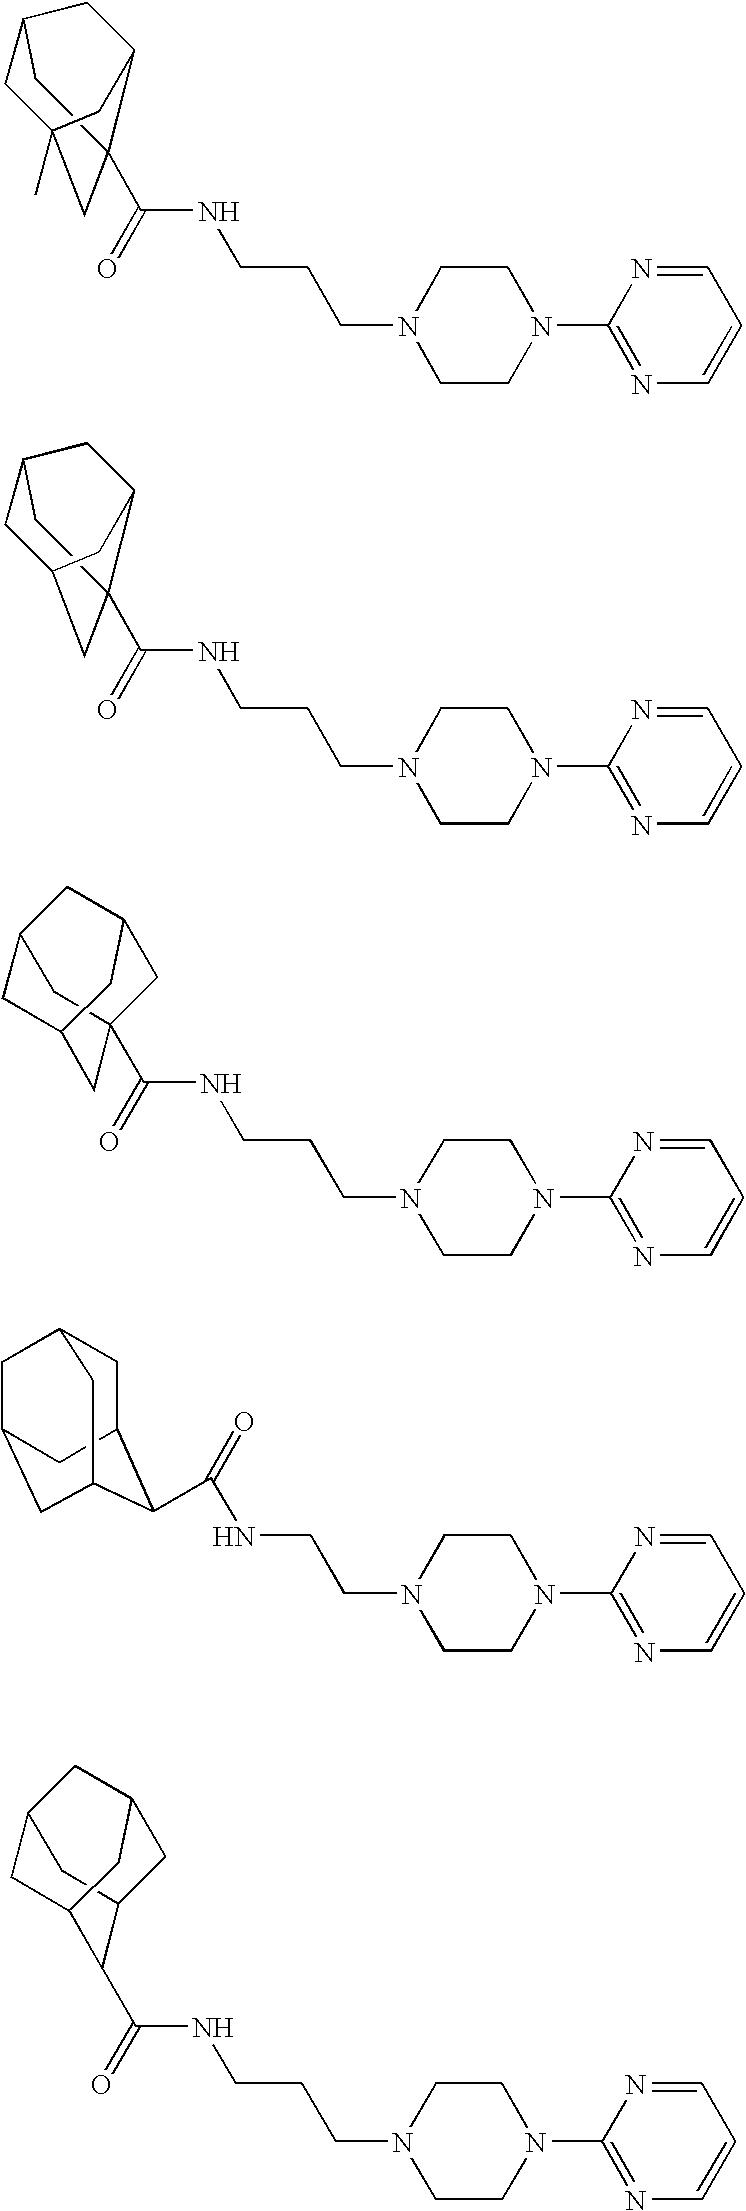 Figure US20100009983A1-20100114-C00228